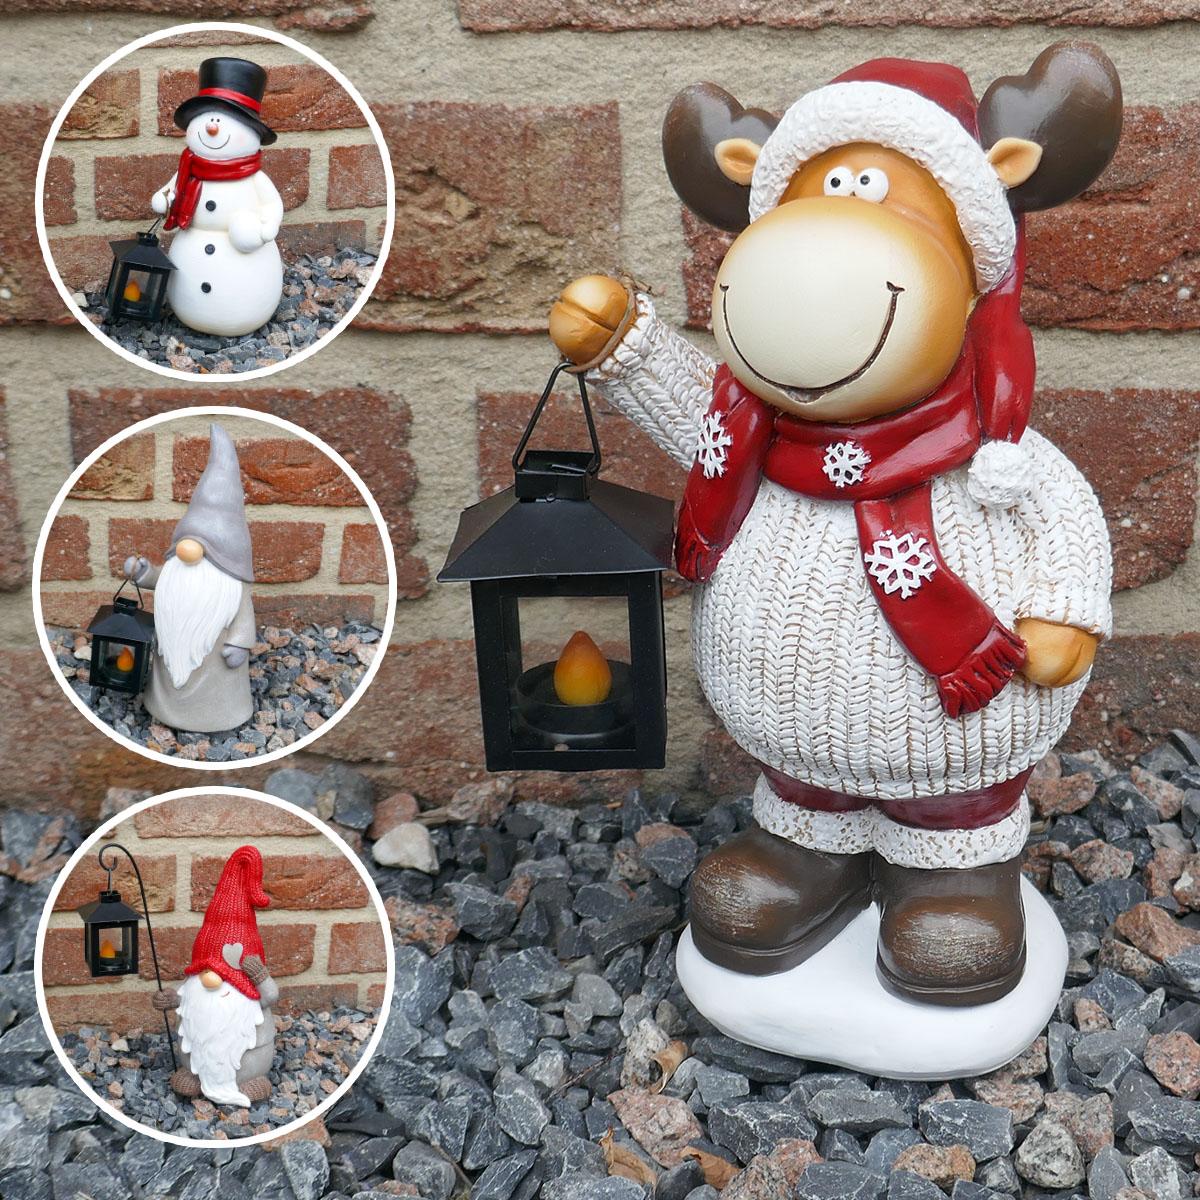 Weihnachtsfiguren mit Laterne Image